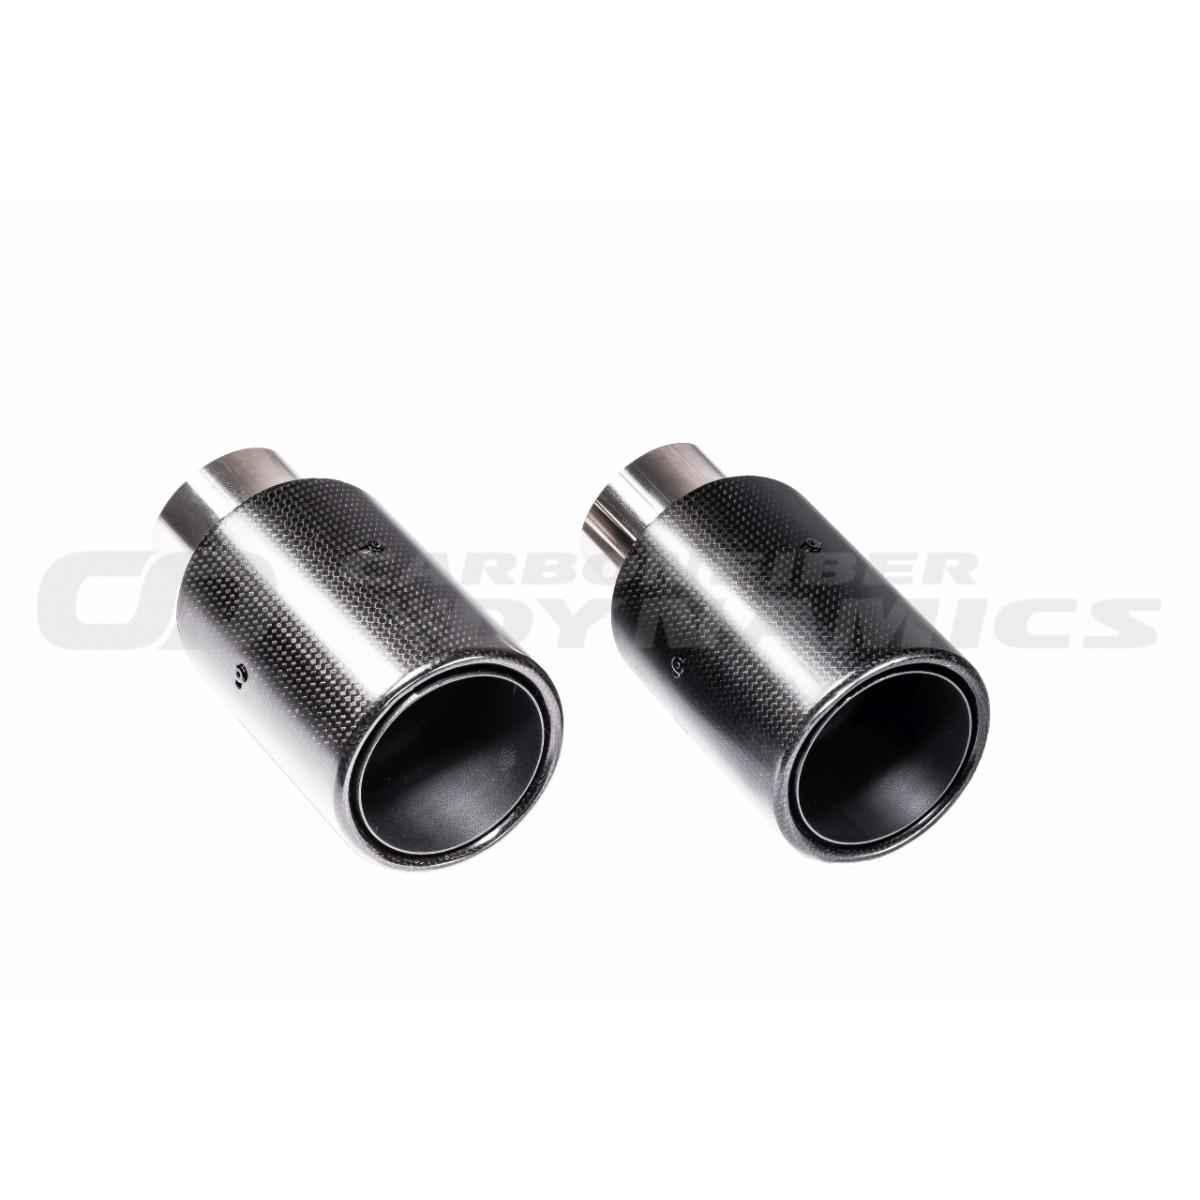 SCOPE Końcówki wydechu 90mm 3 F30, F31 i F34